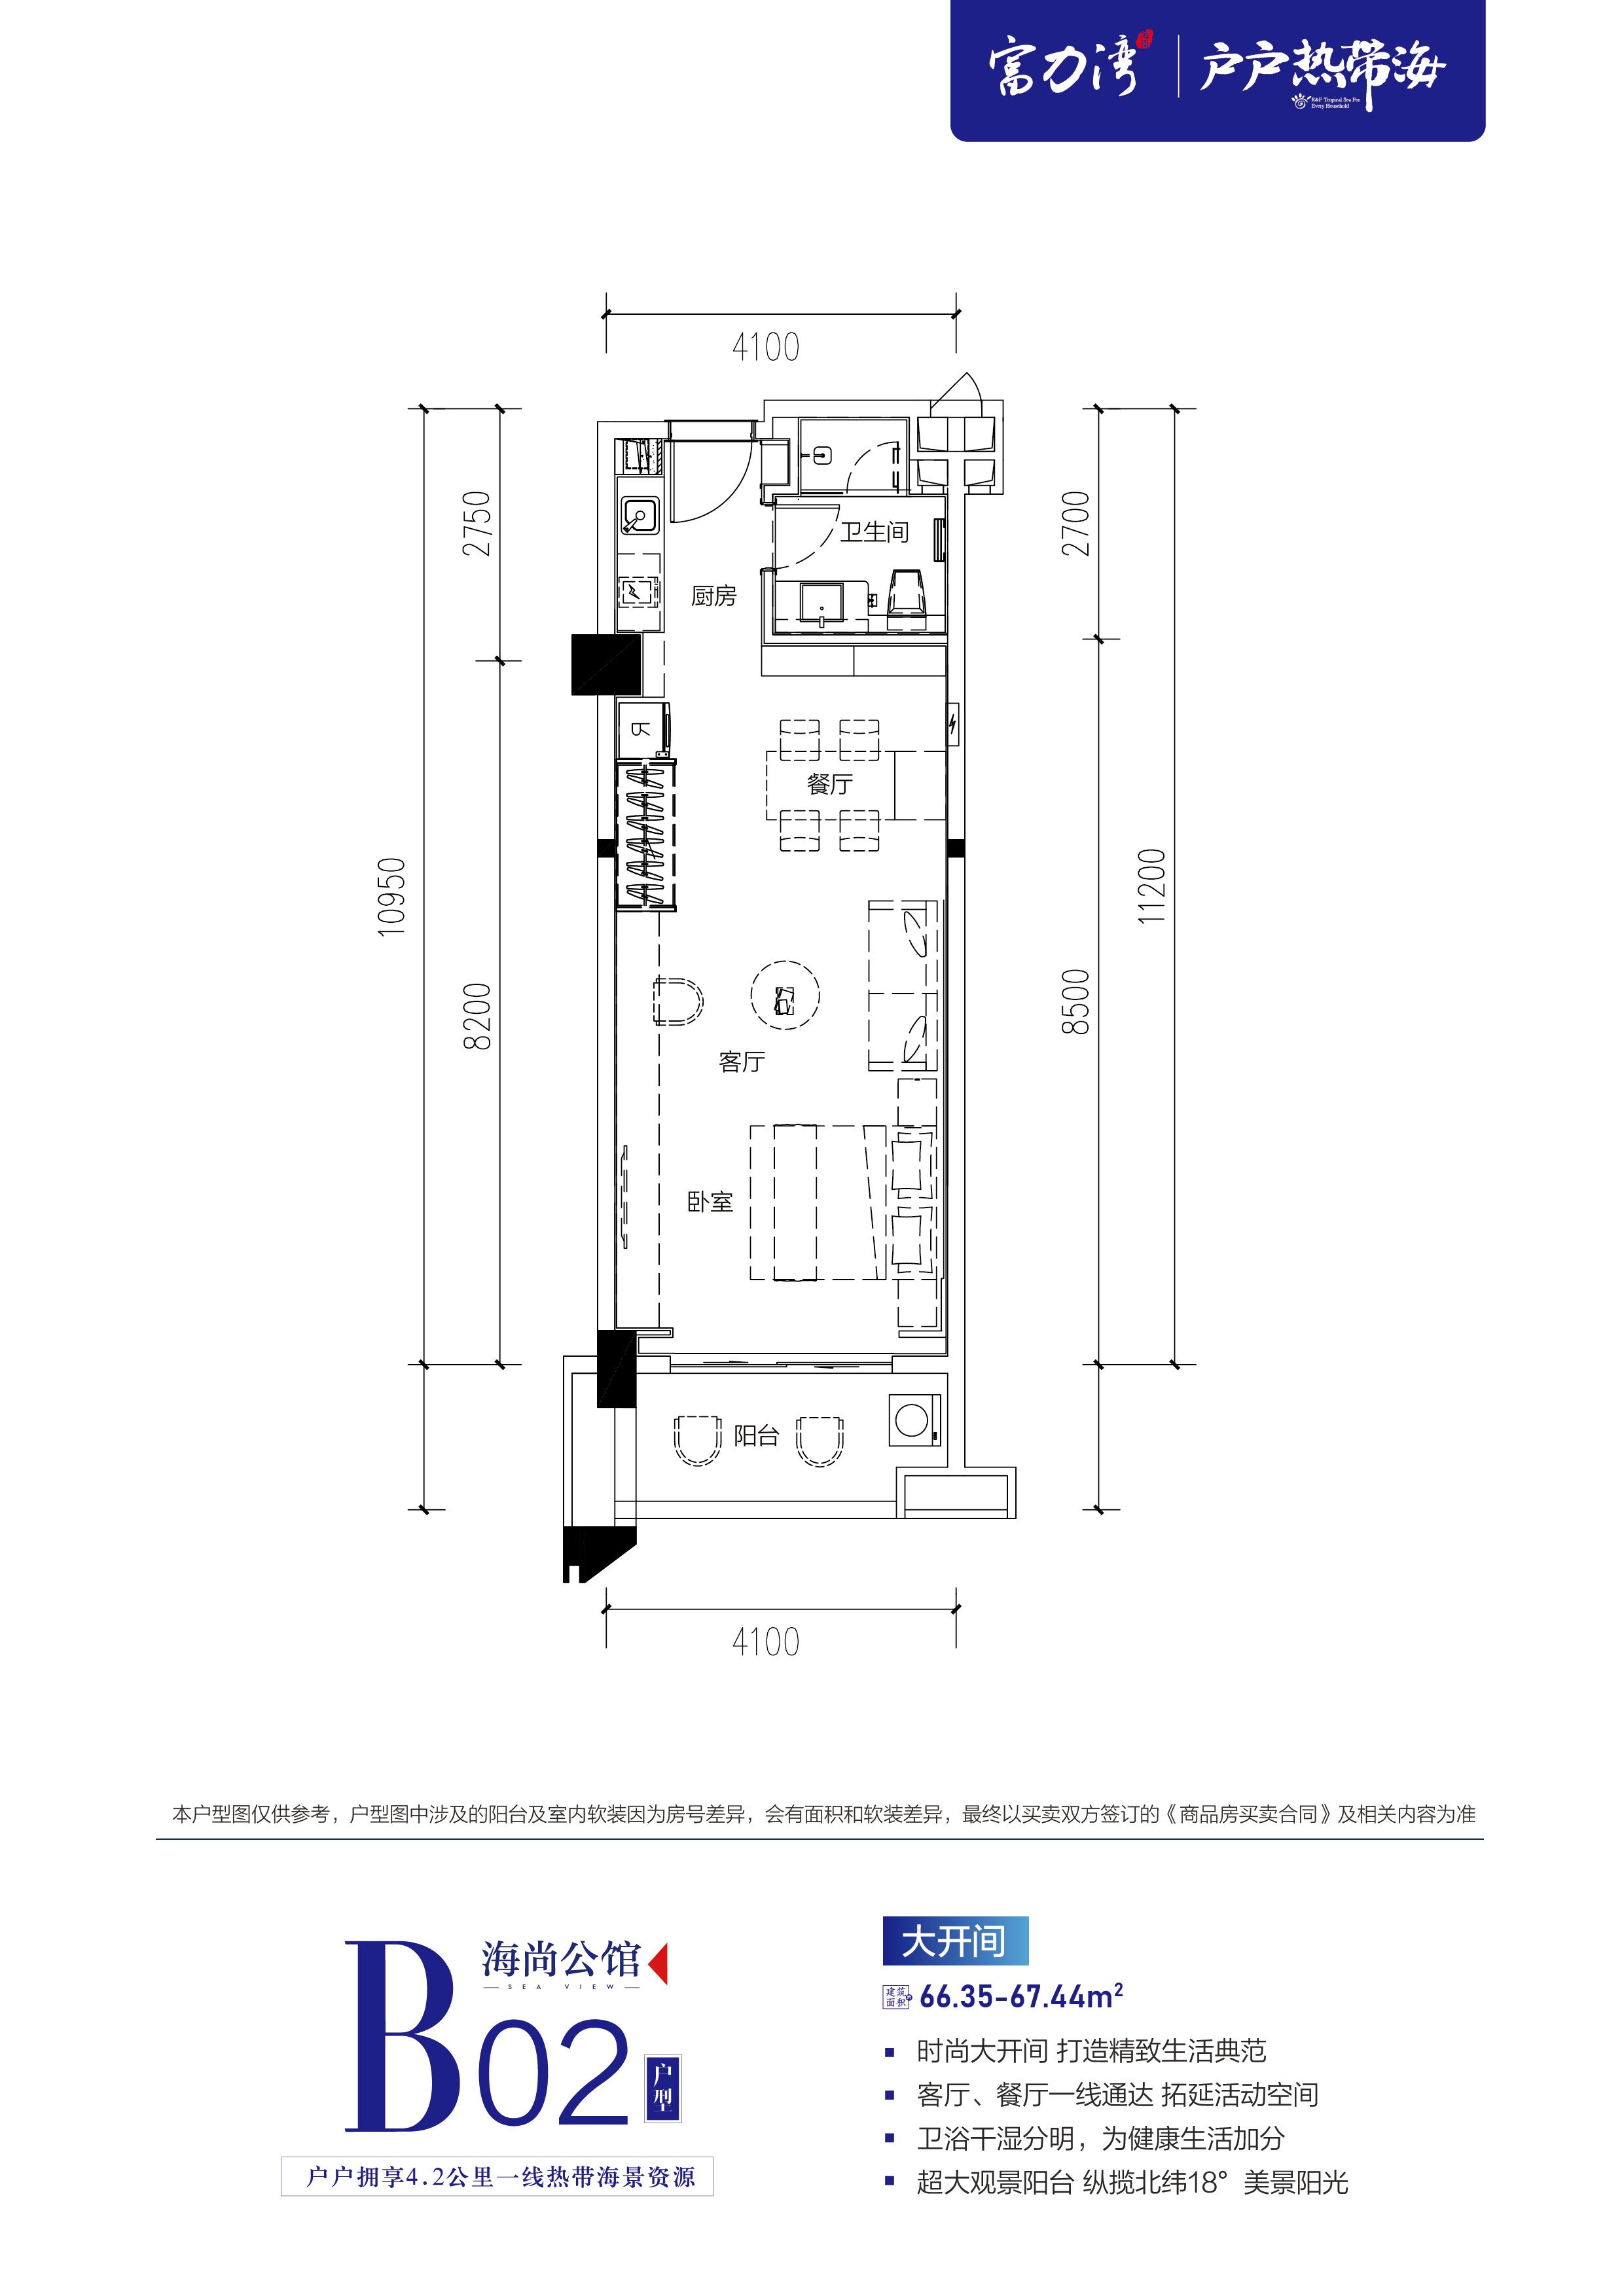 海尚公馆B02户型 大开间 建面66.35-67.44㎡